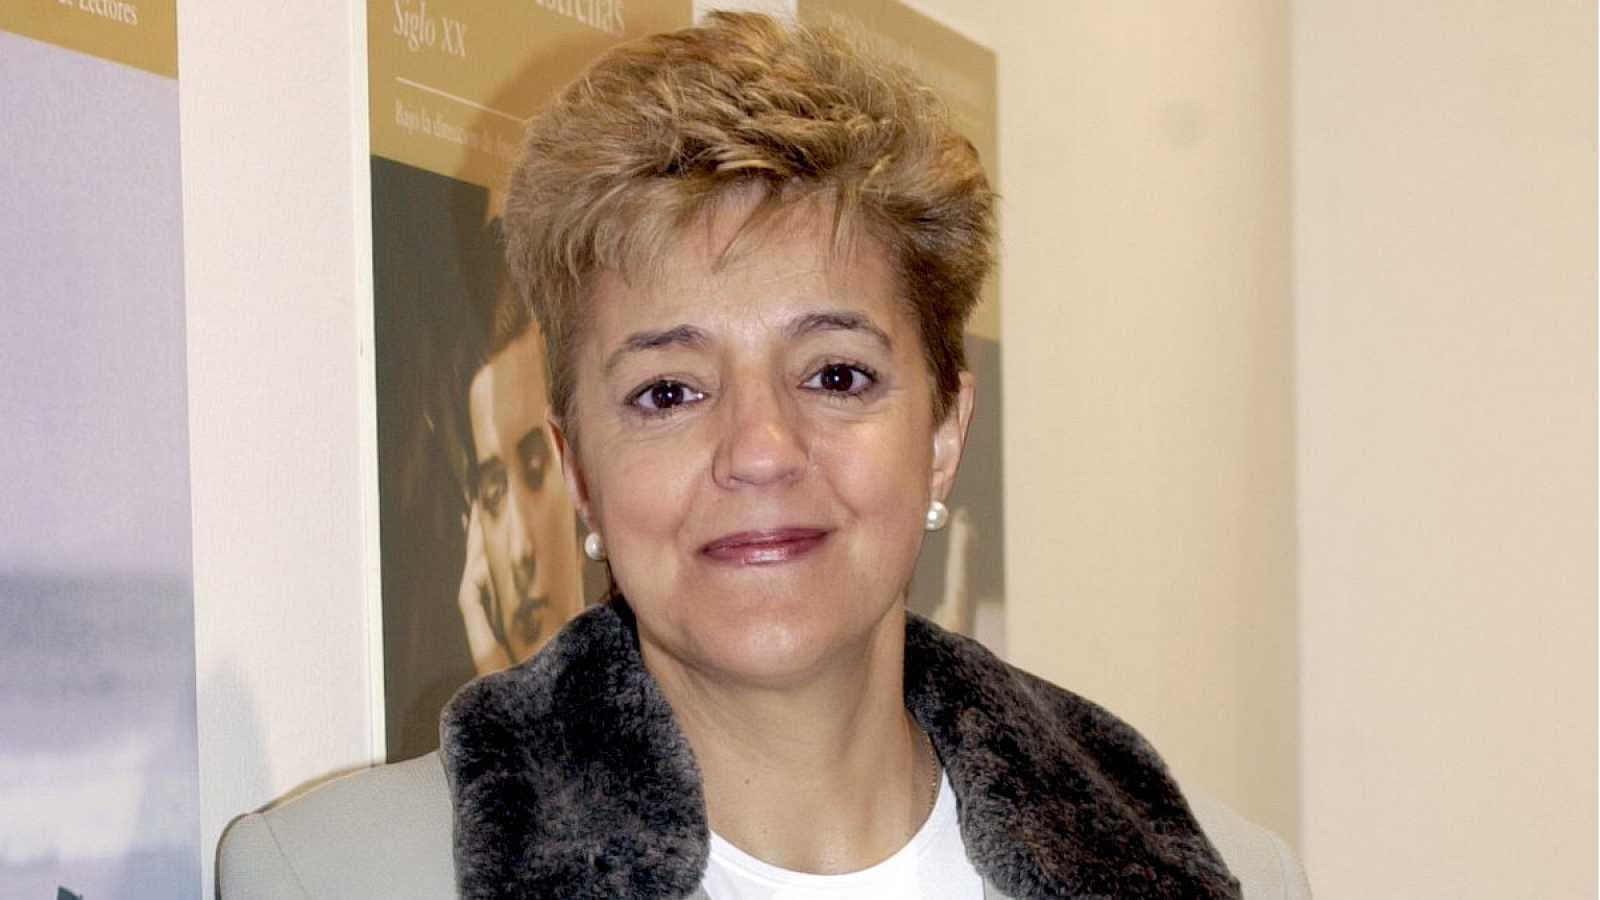 """Las mañanas de RNE con Íñigo Alfonso - """"Arenal reflexionaba sobre la necesidad de conciliar posiciones contrarias porque ella las vivió continuamente"""" - Escuchar ahora"""